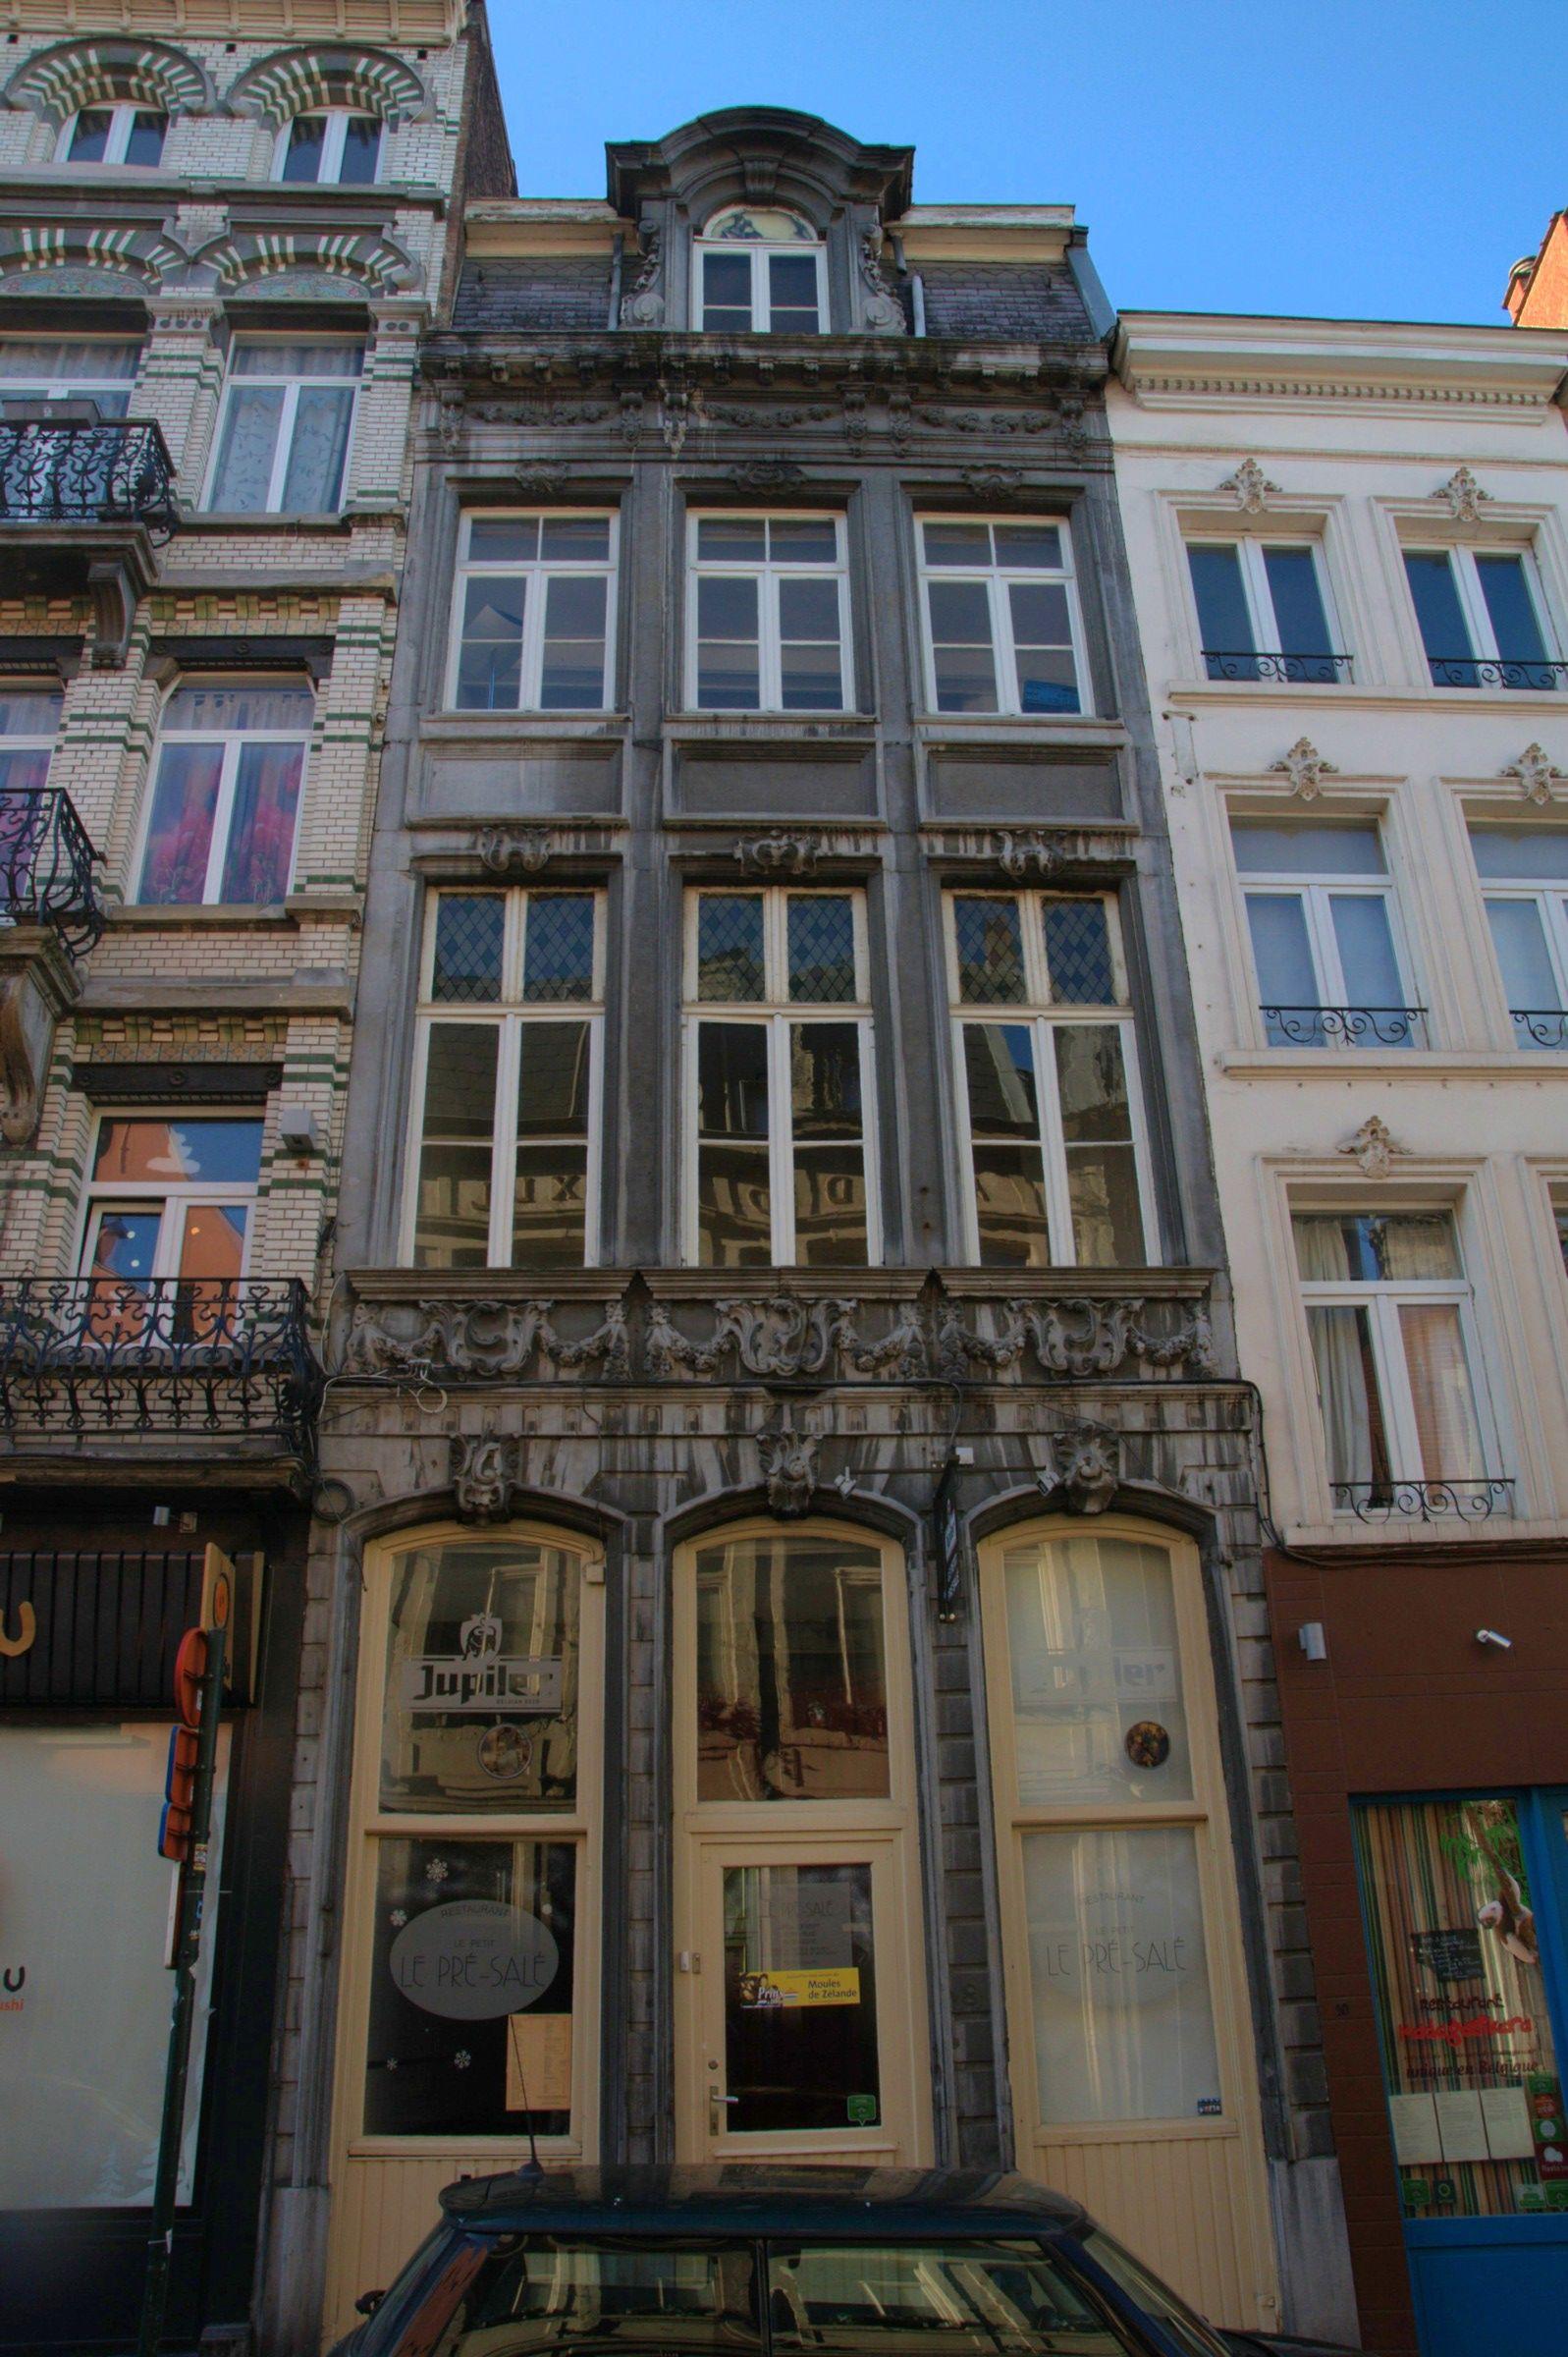 Maison de flandre stunning quali toiture maison flamande for Architecture flamande